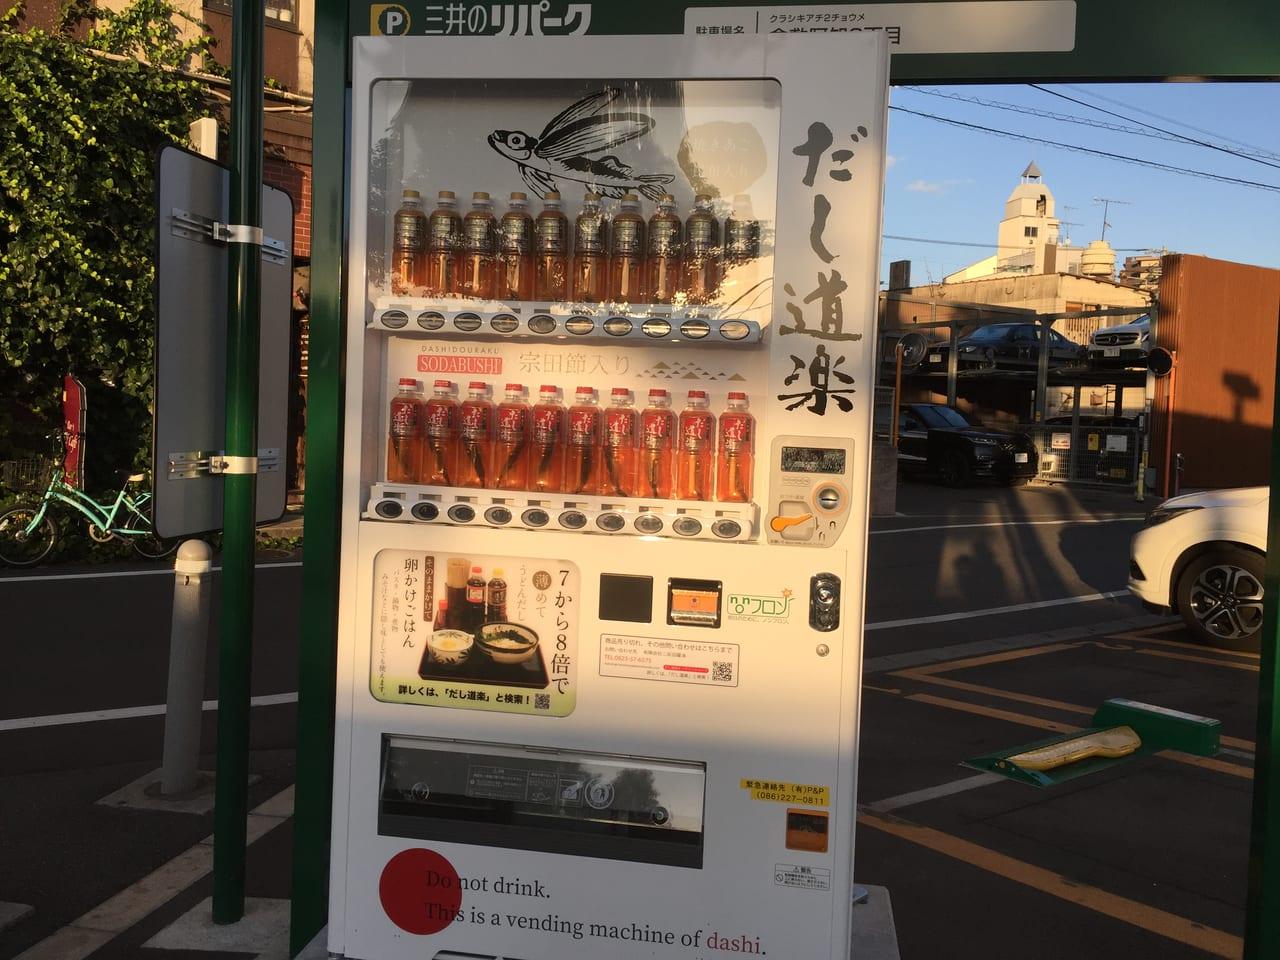 だし自動販売機